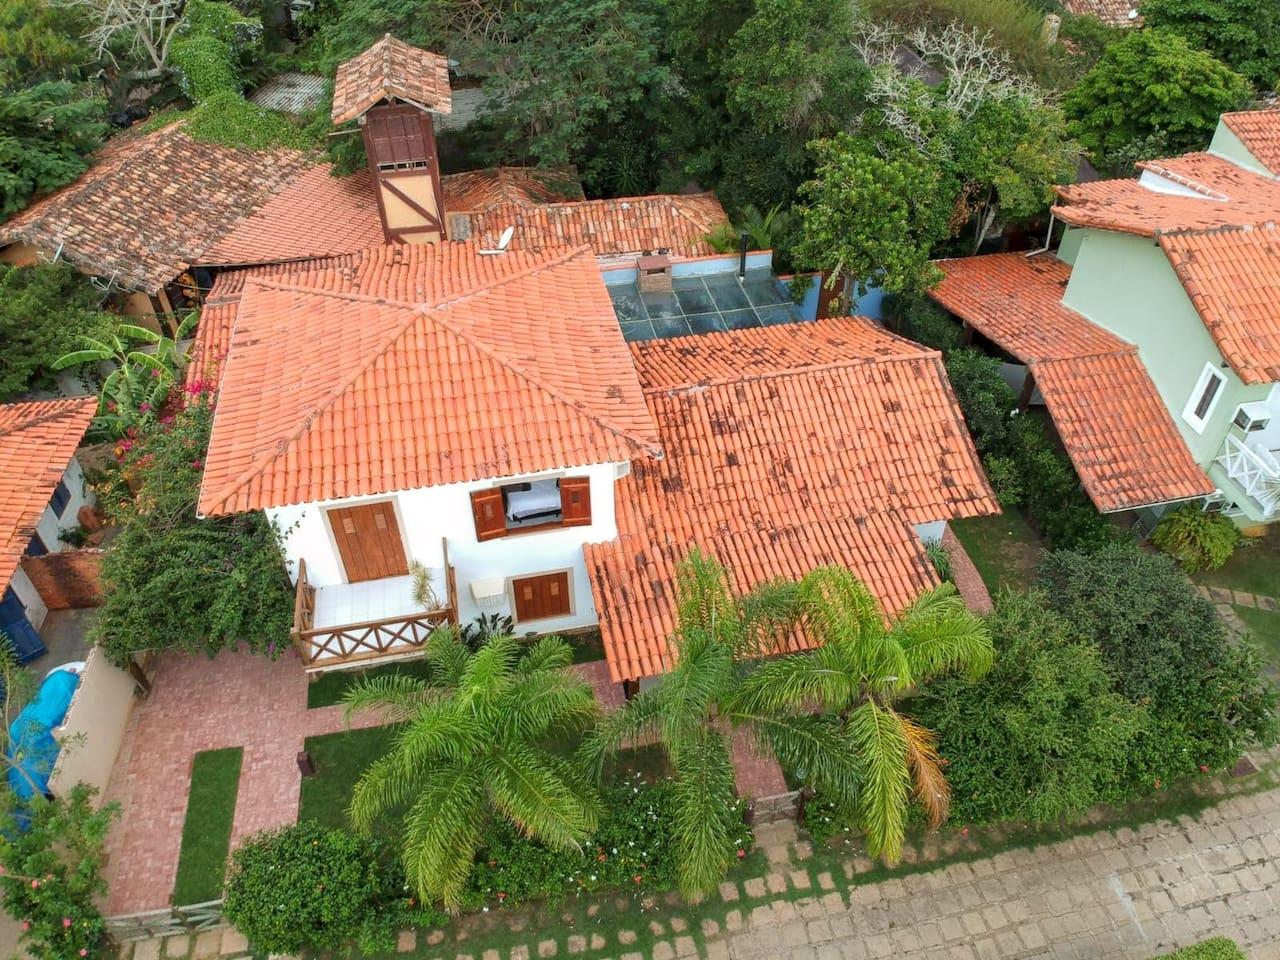 Casa e terreno vistos do alto